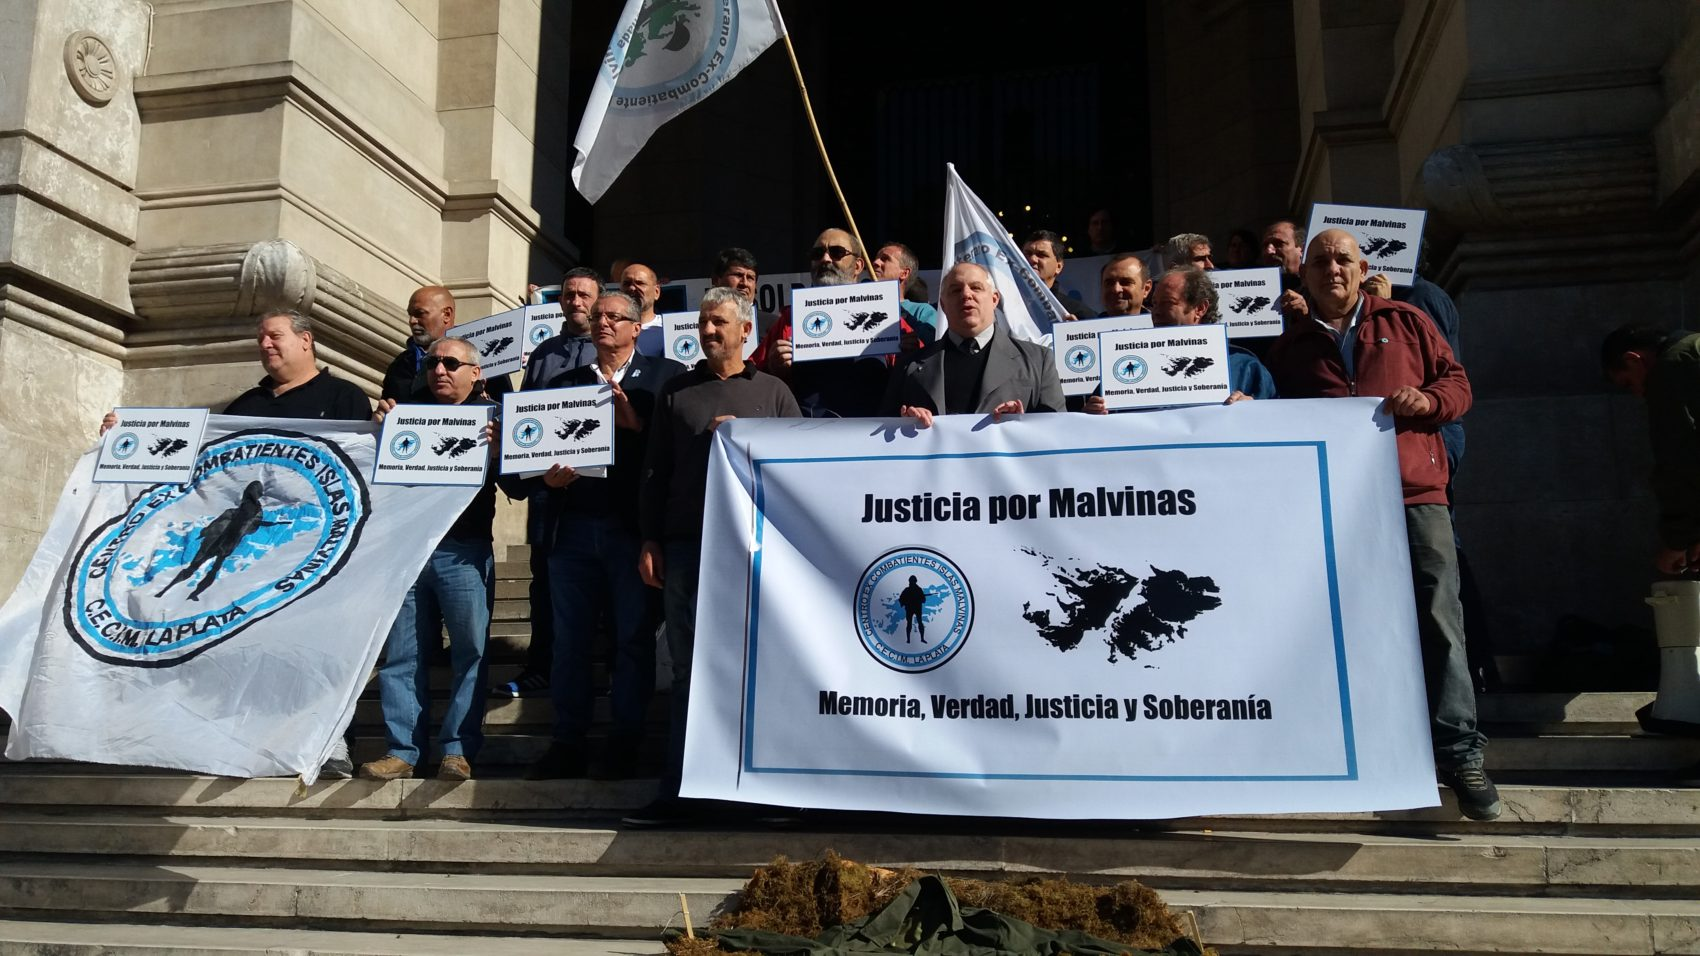 Delações da Odebrecht, corrupção e violações a direitos humanos permeiam as manifestações de protesto em busca do fim da impunidade